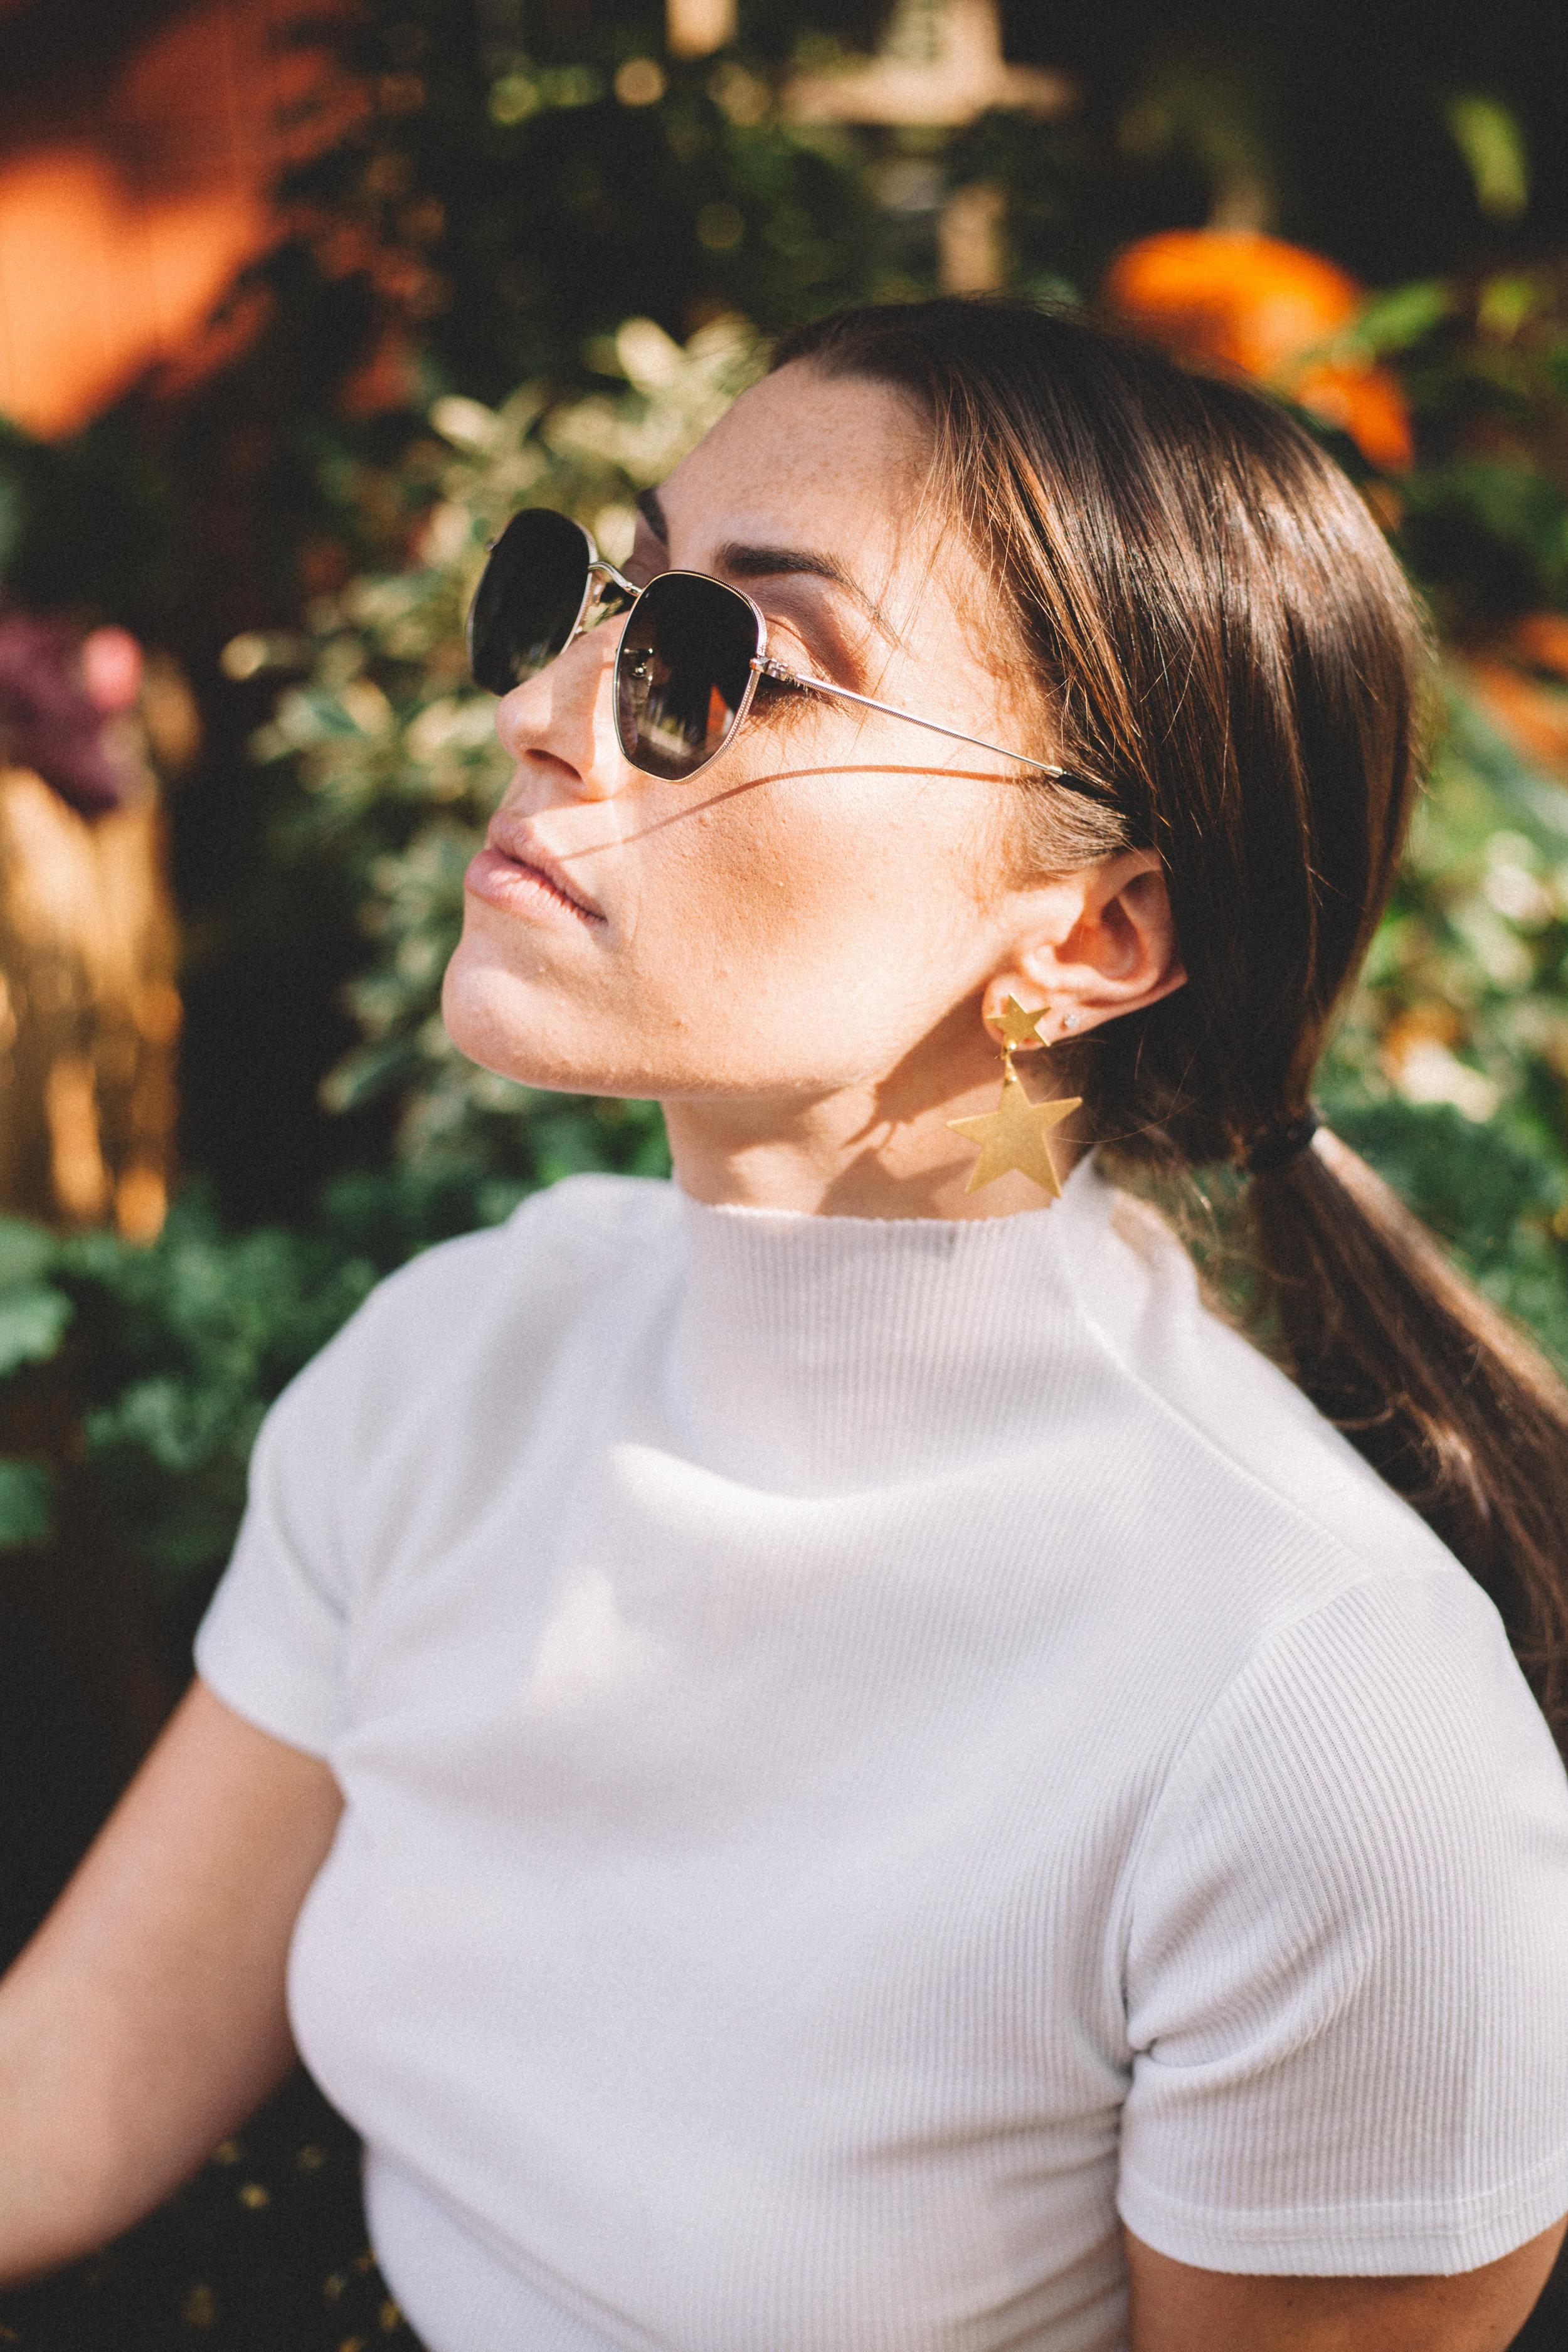 Julia Procaccino Photography @julia_procaccino   SOJOS Small Square Polarized Sunglasses